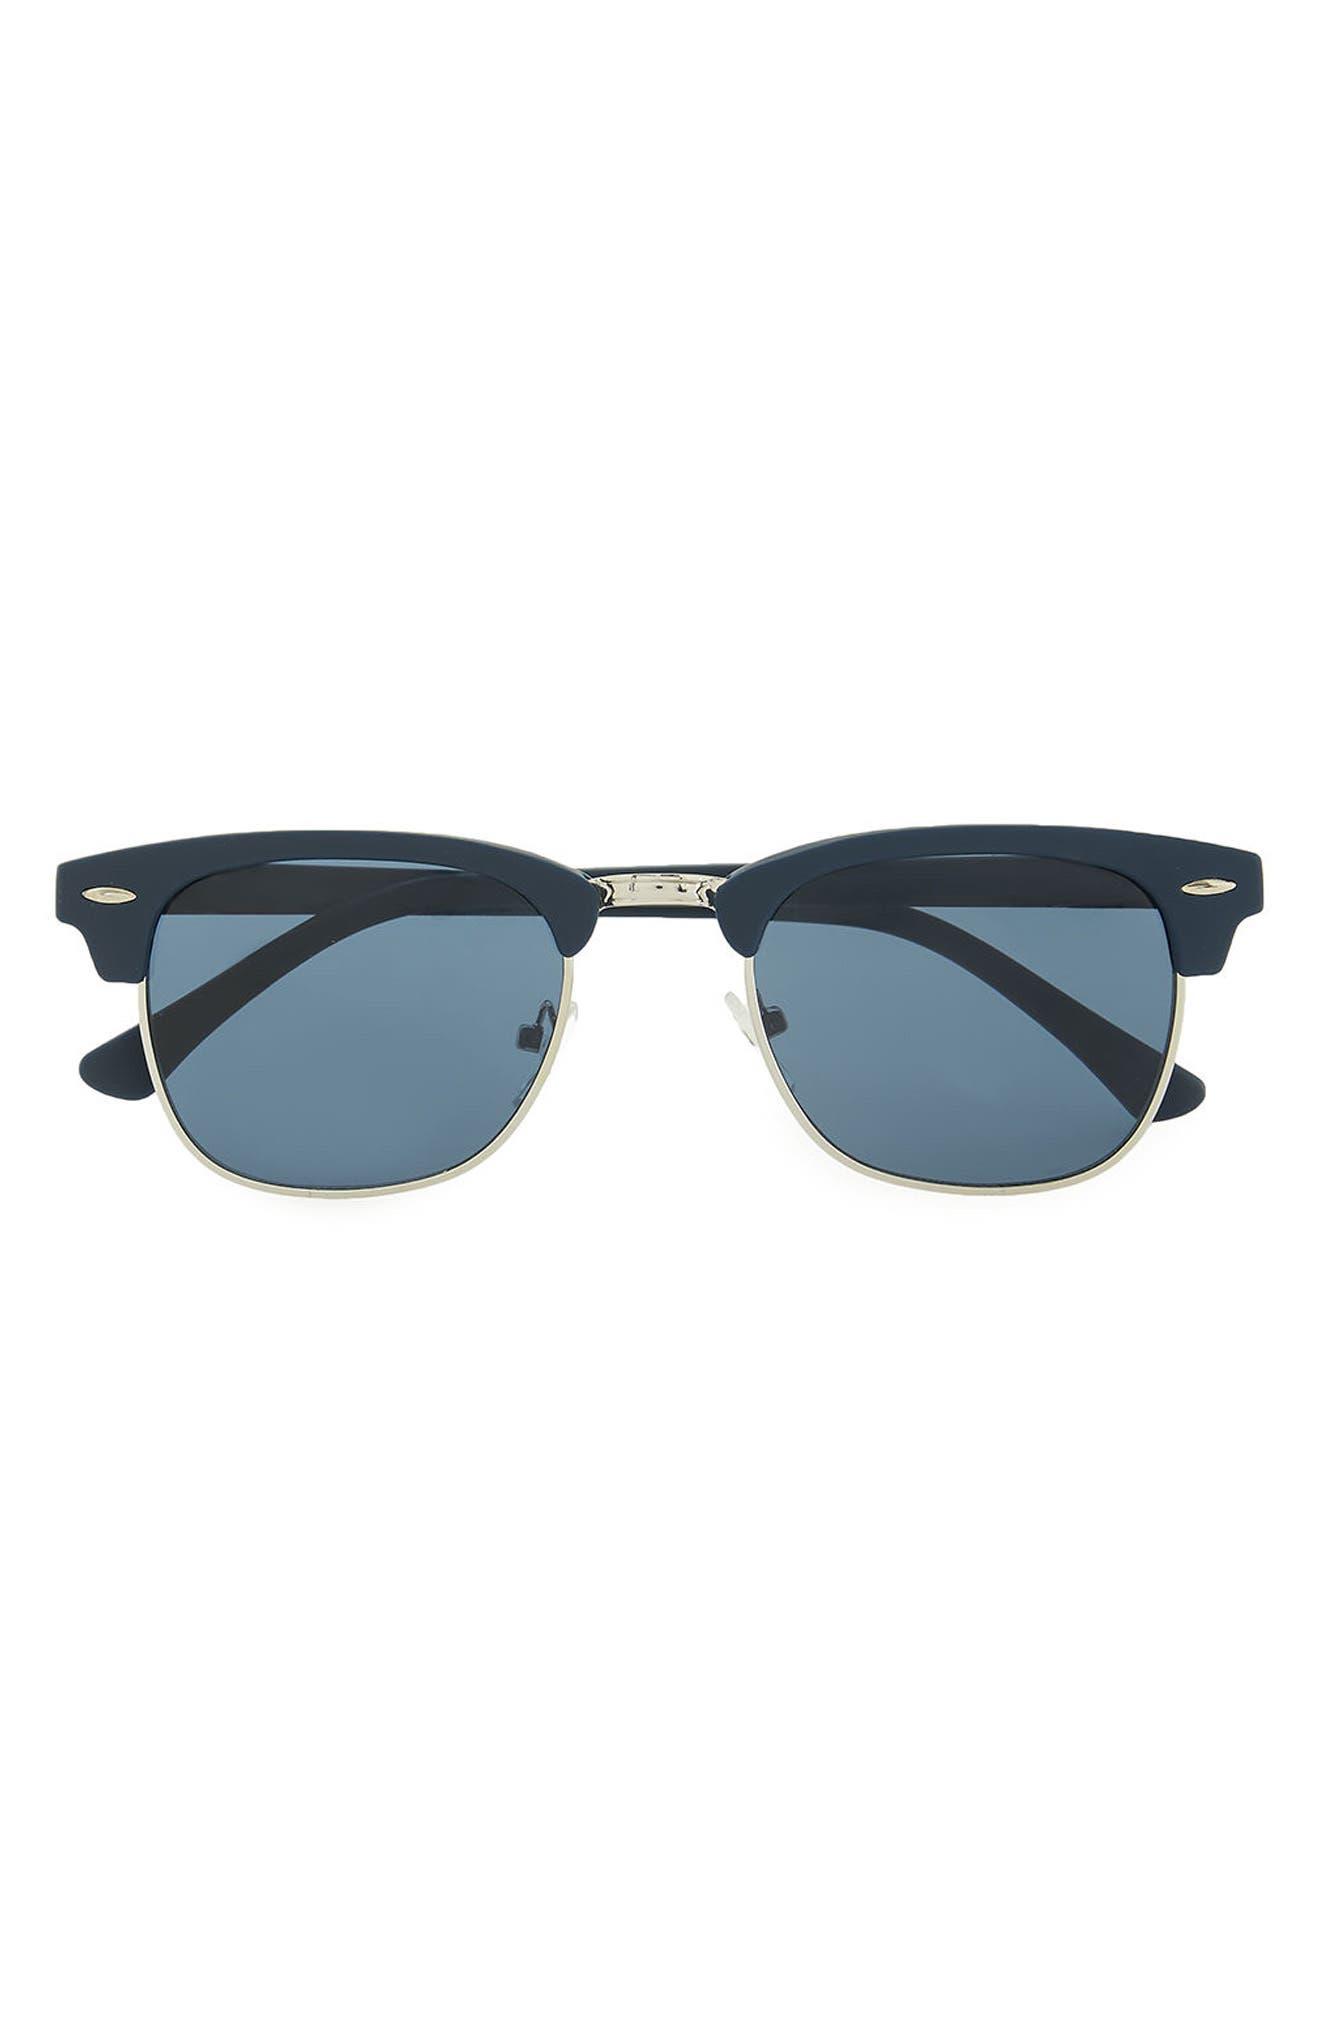 TOPMAN 50mm Sunglasses